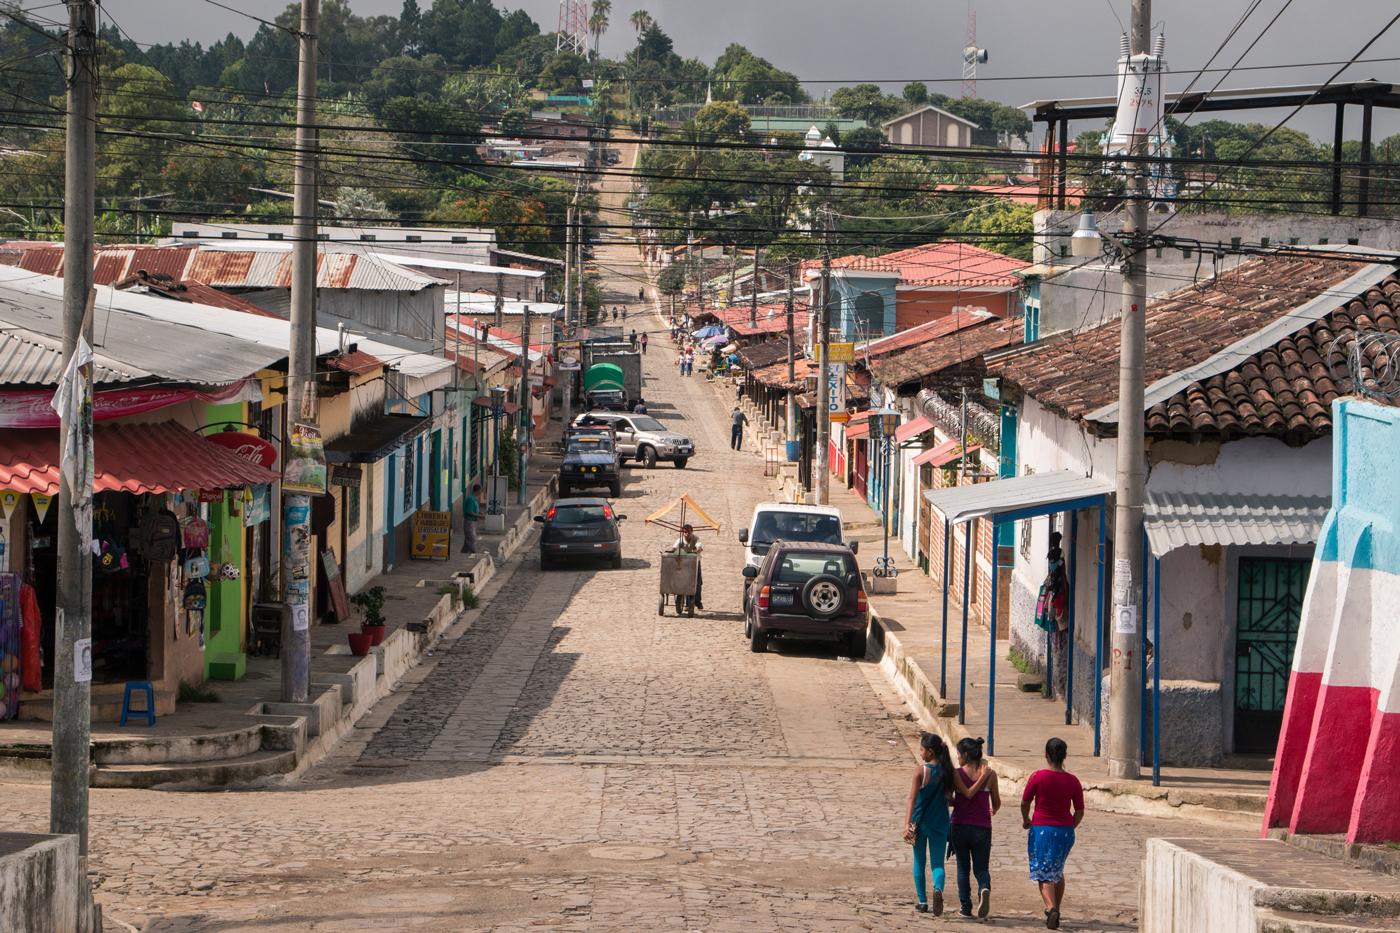 Ataco streets